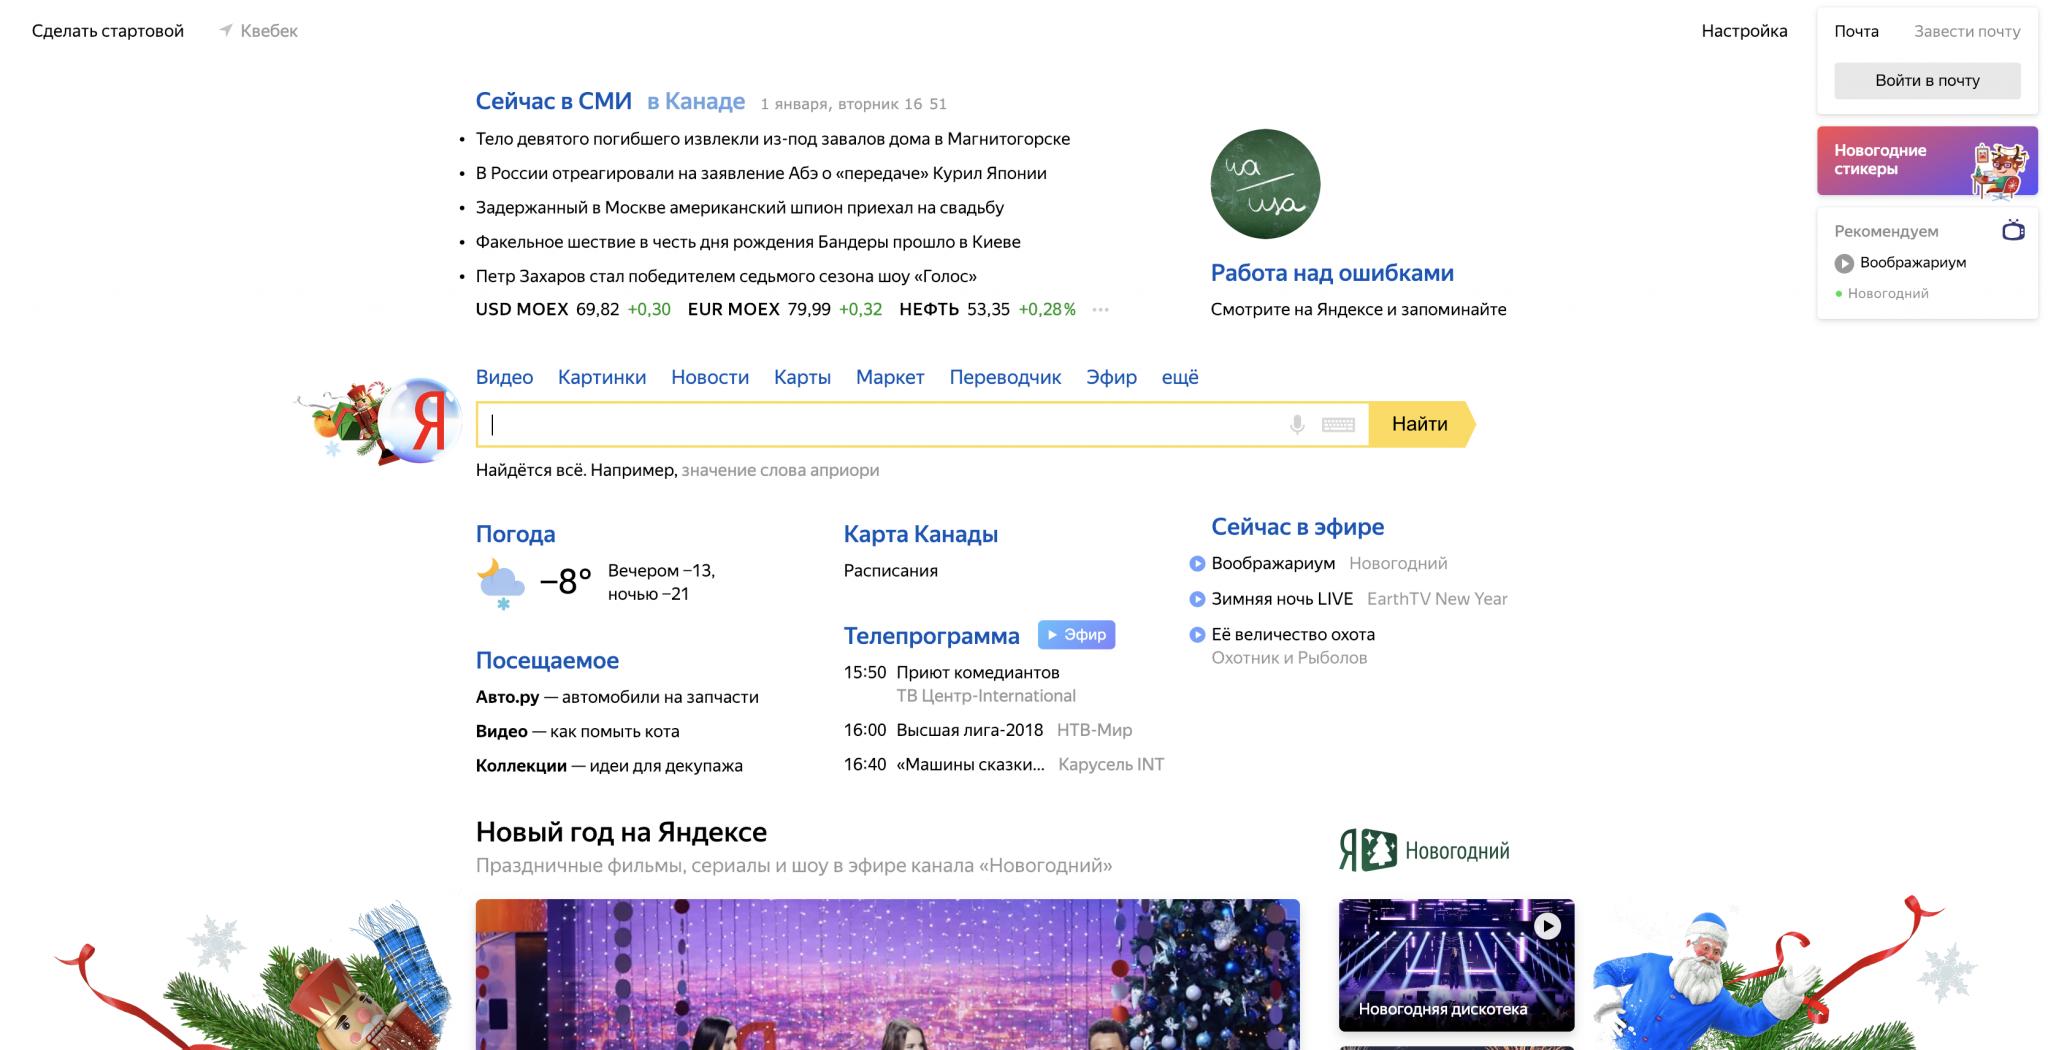 موتور جستجو Yandex